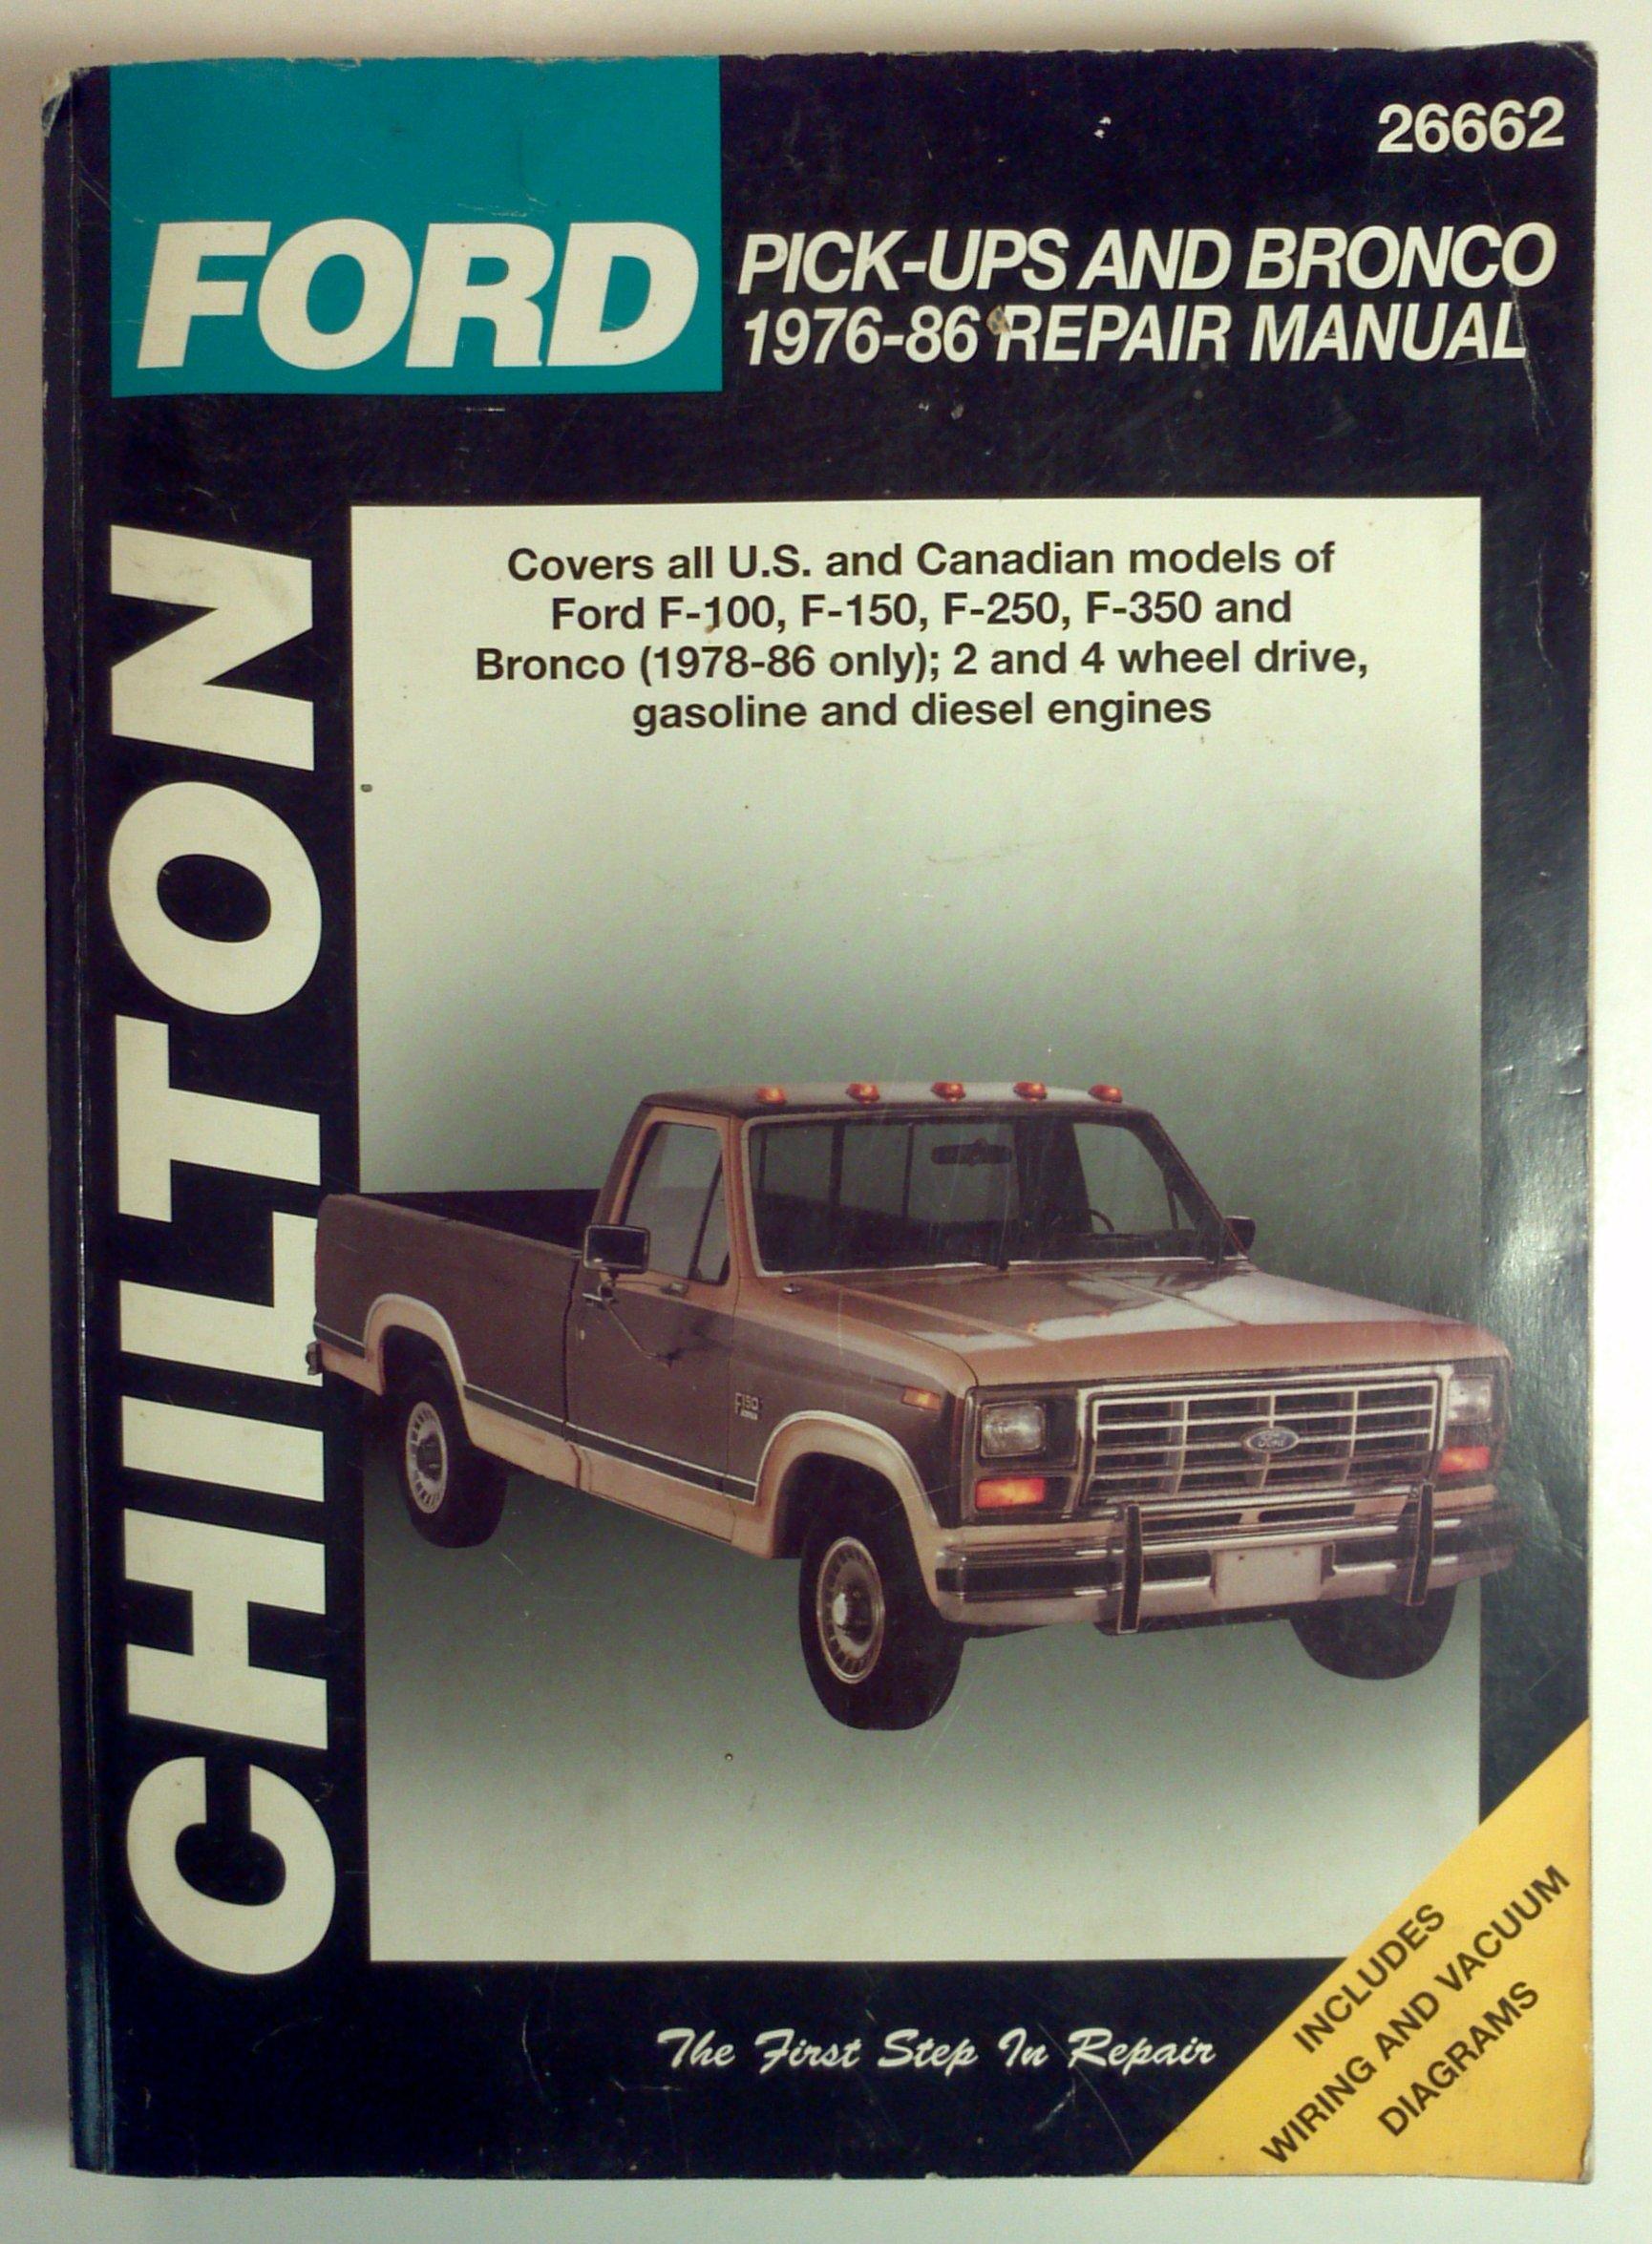 Amazon.com: 'Ford F 100 F 150 F 250 F 350 Pickup Trucks ... on